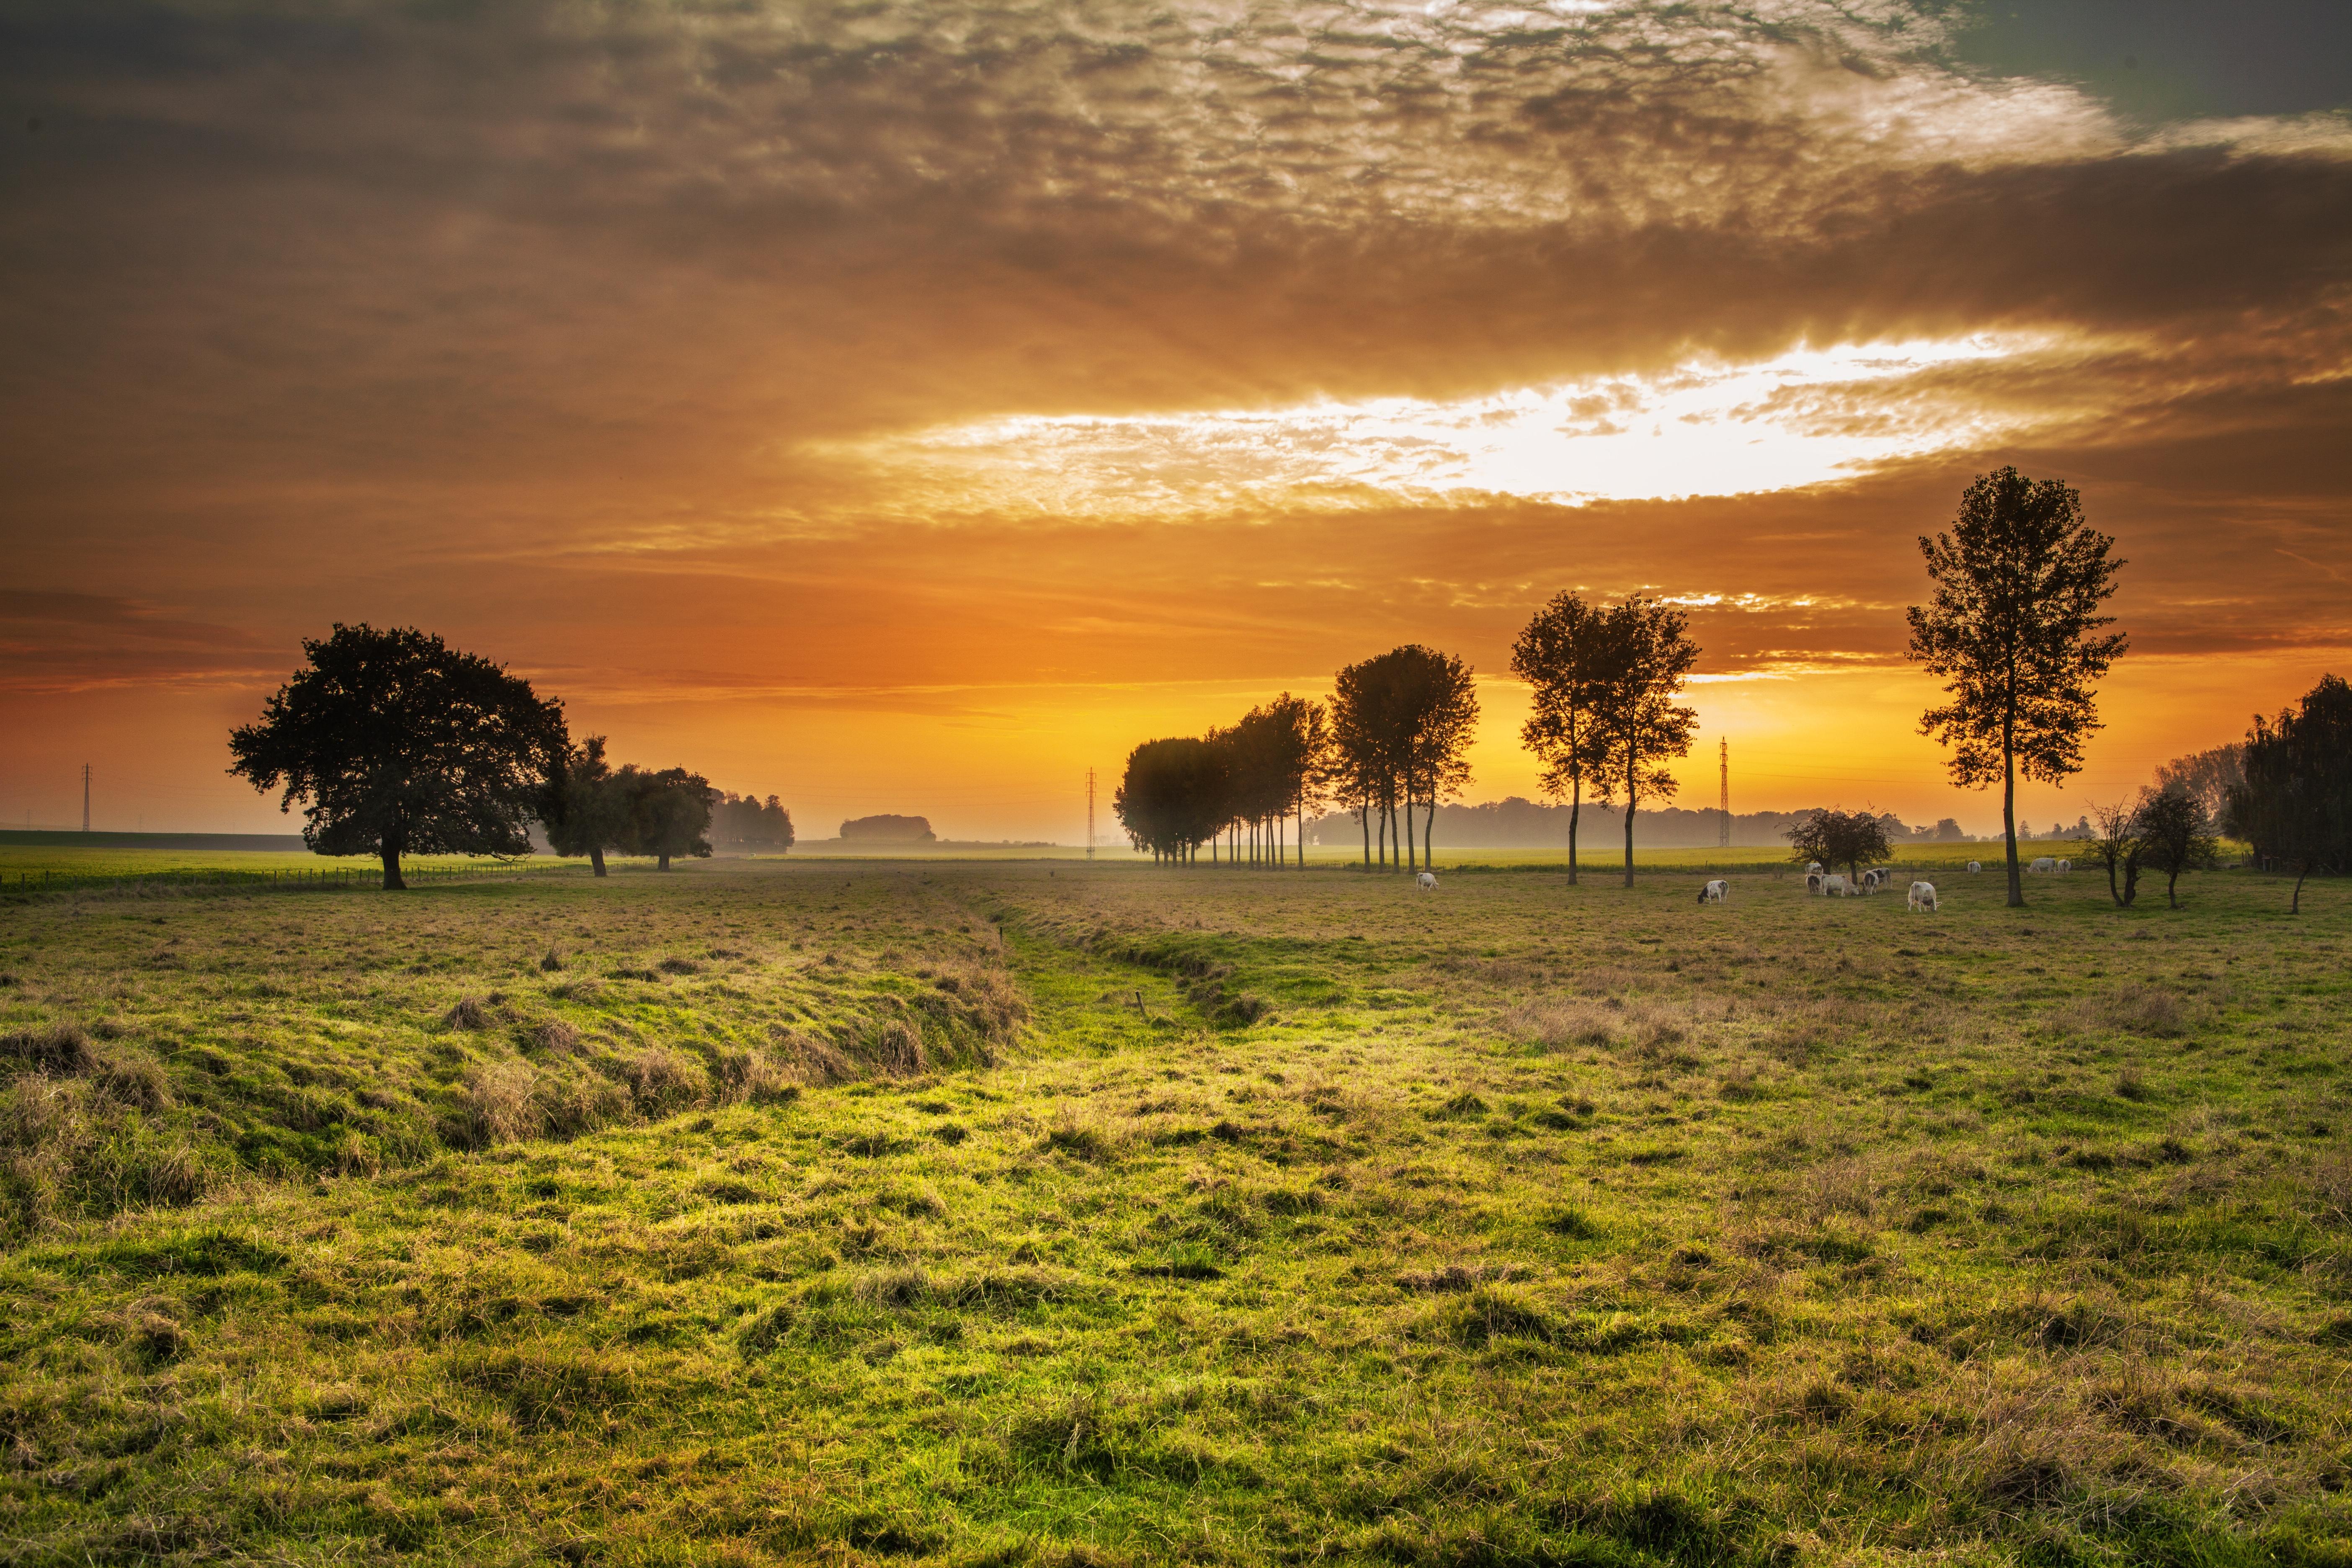 Fläche mit Bäumen und Kühen im Sonnenuntergang